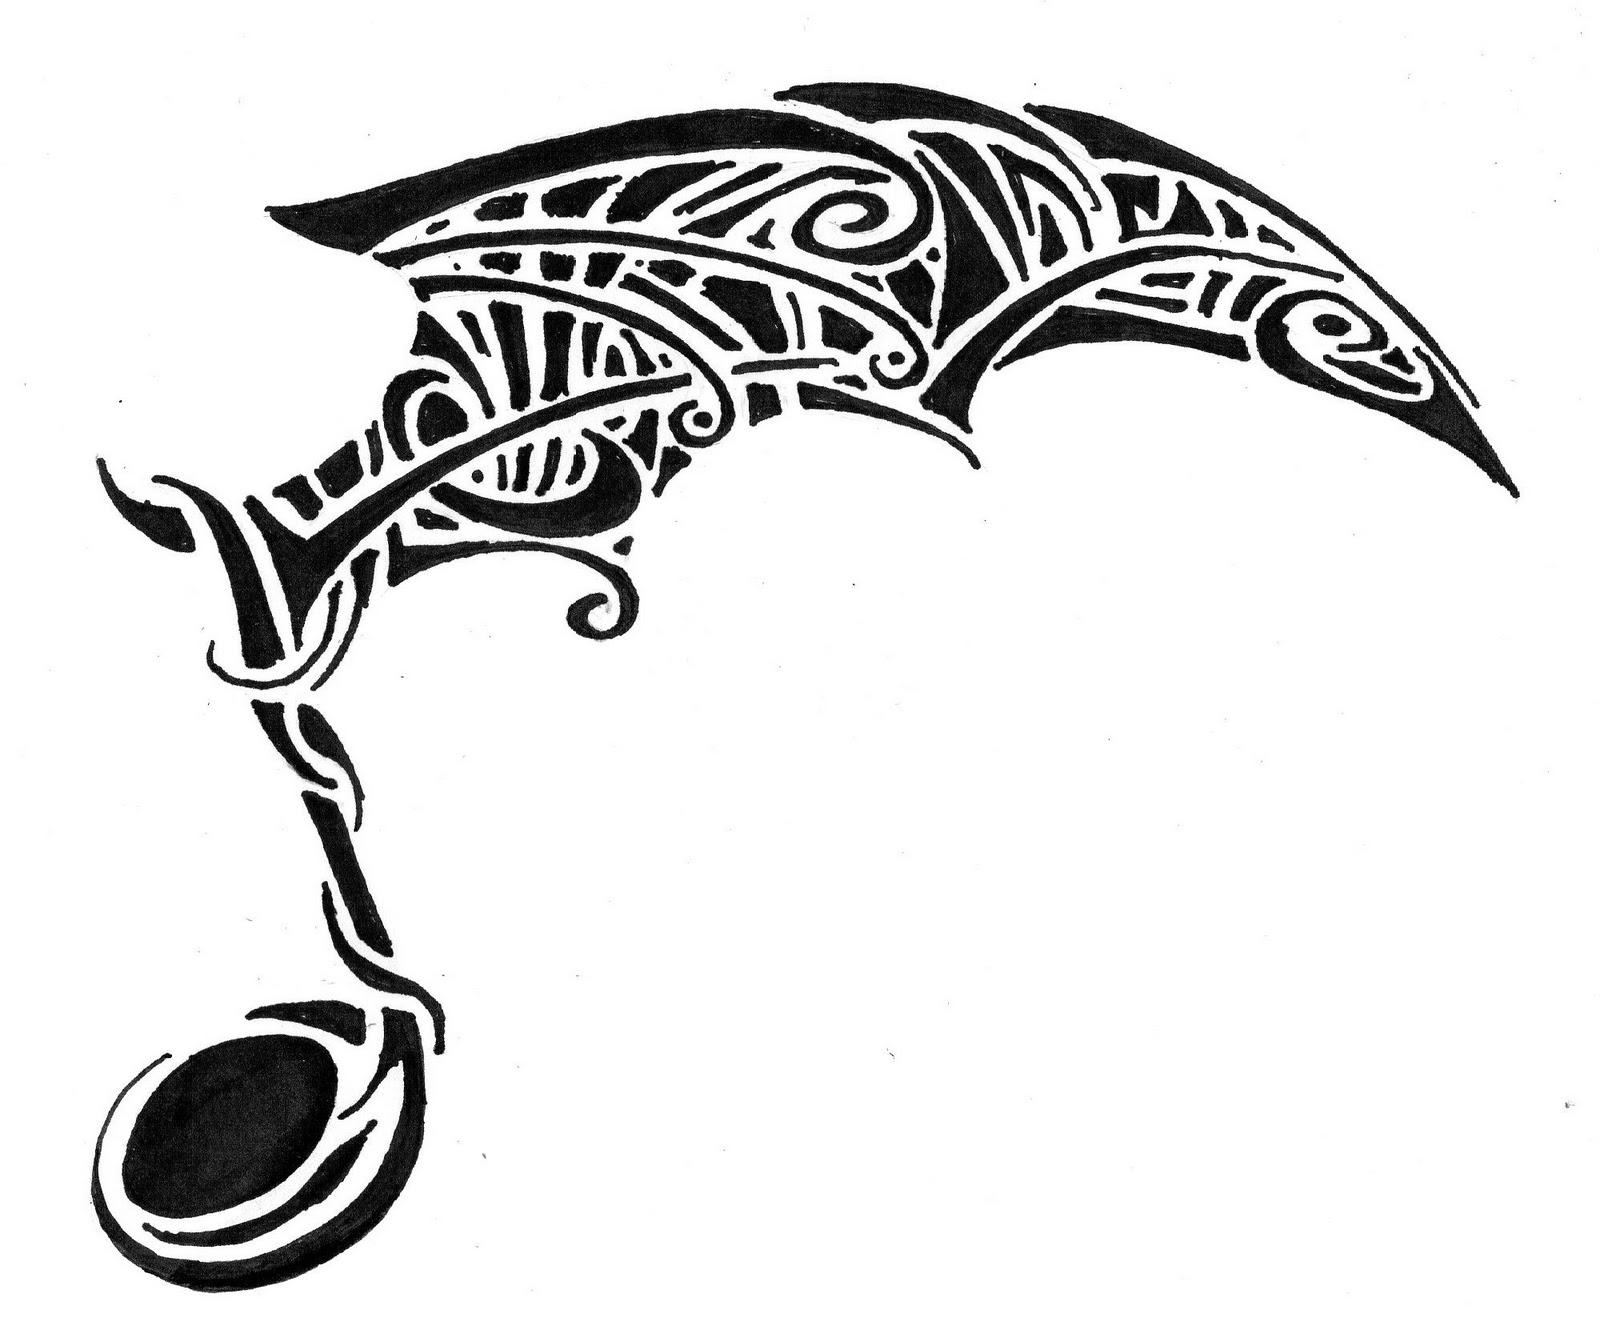 Tatouage Maori Clef de Sol Matthieu par Dago  - tatouage clé de sol tribal